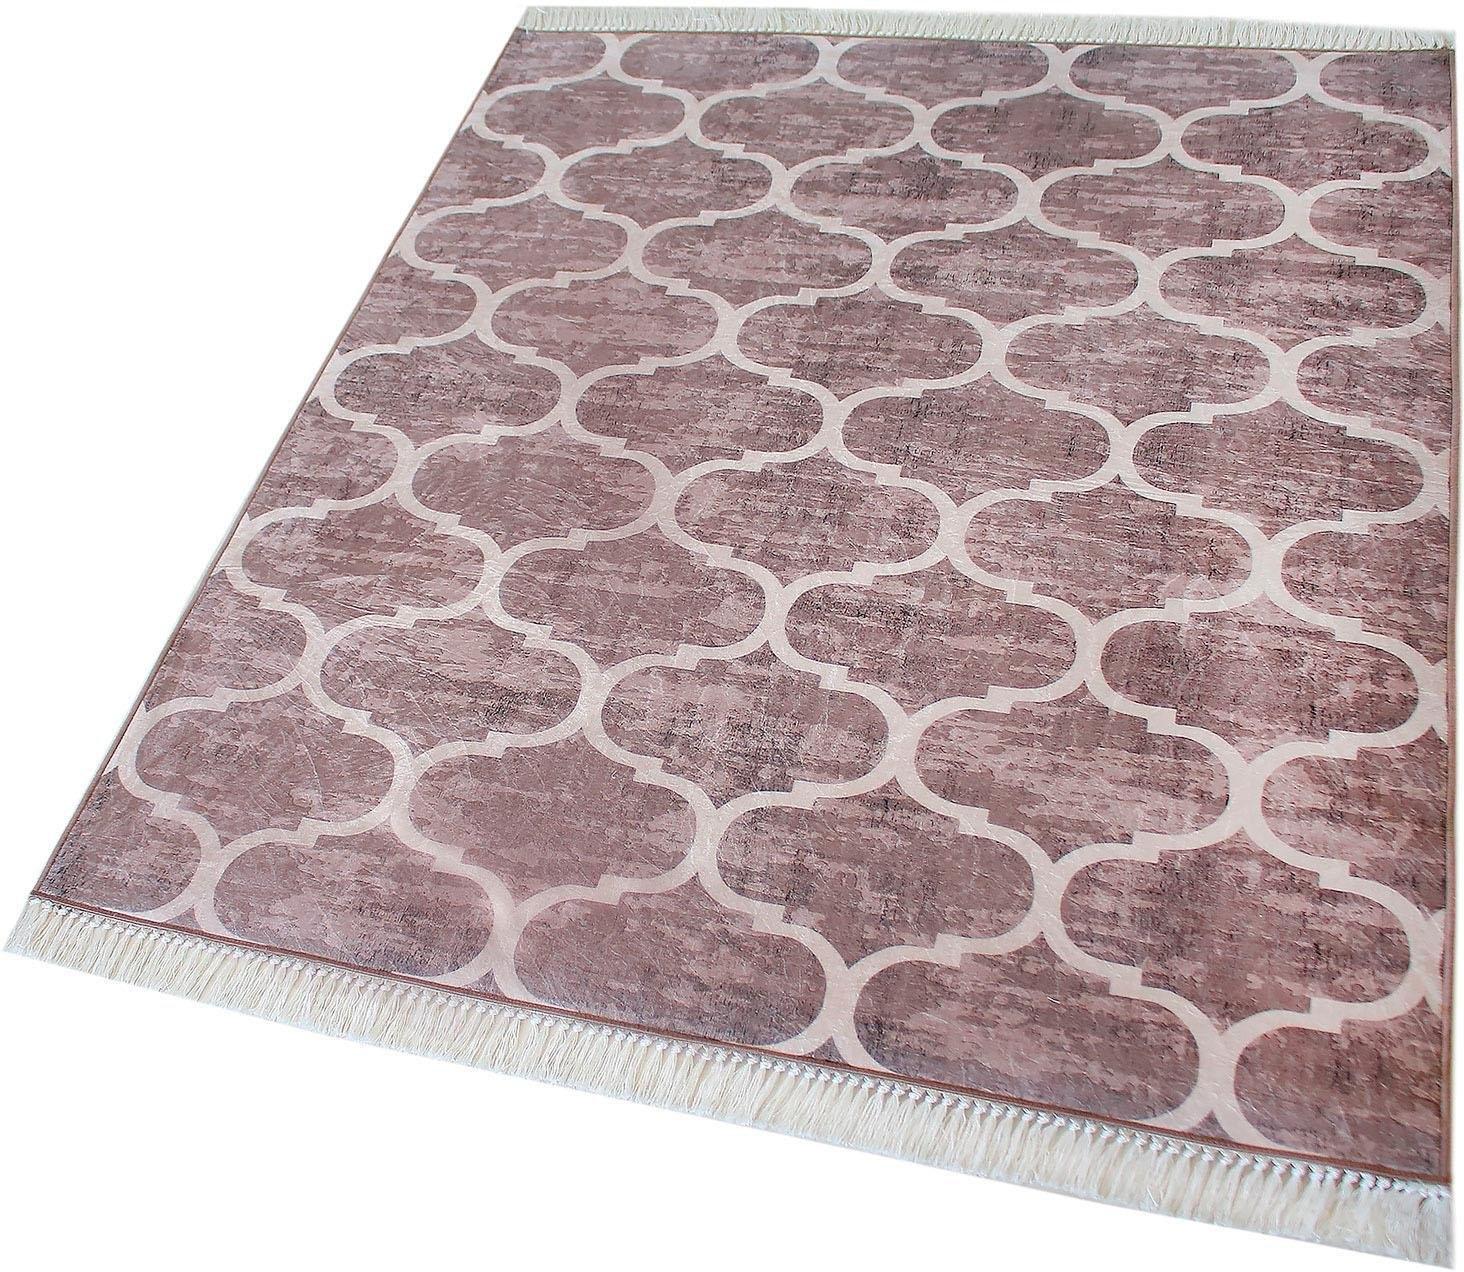 Sehrazat Loper, »Caimas 2730«, rechthoekig, hoogte 5 mm, gedrukt in de webshop van OTTO kopen